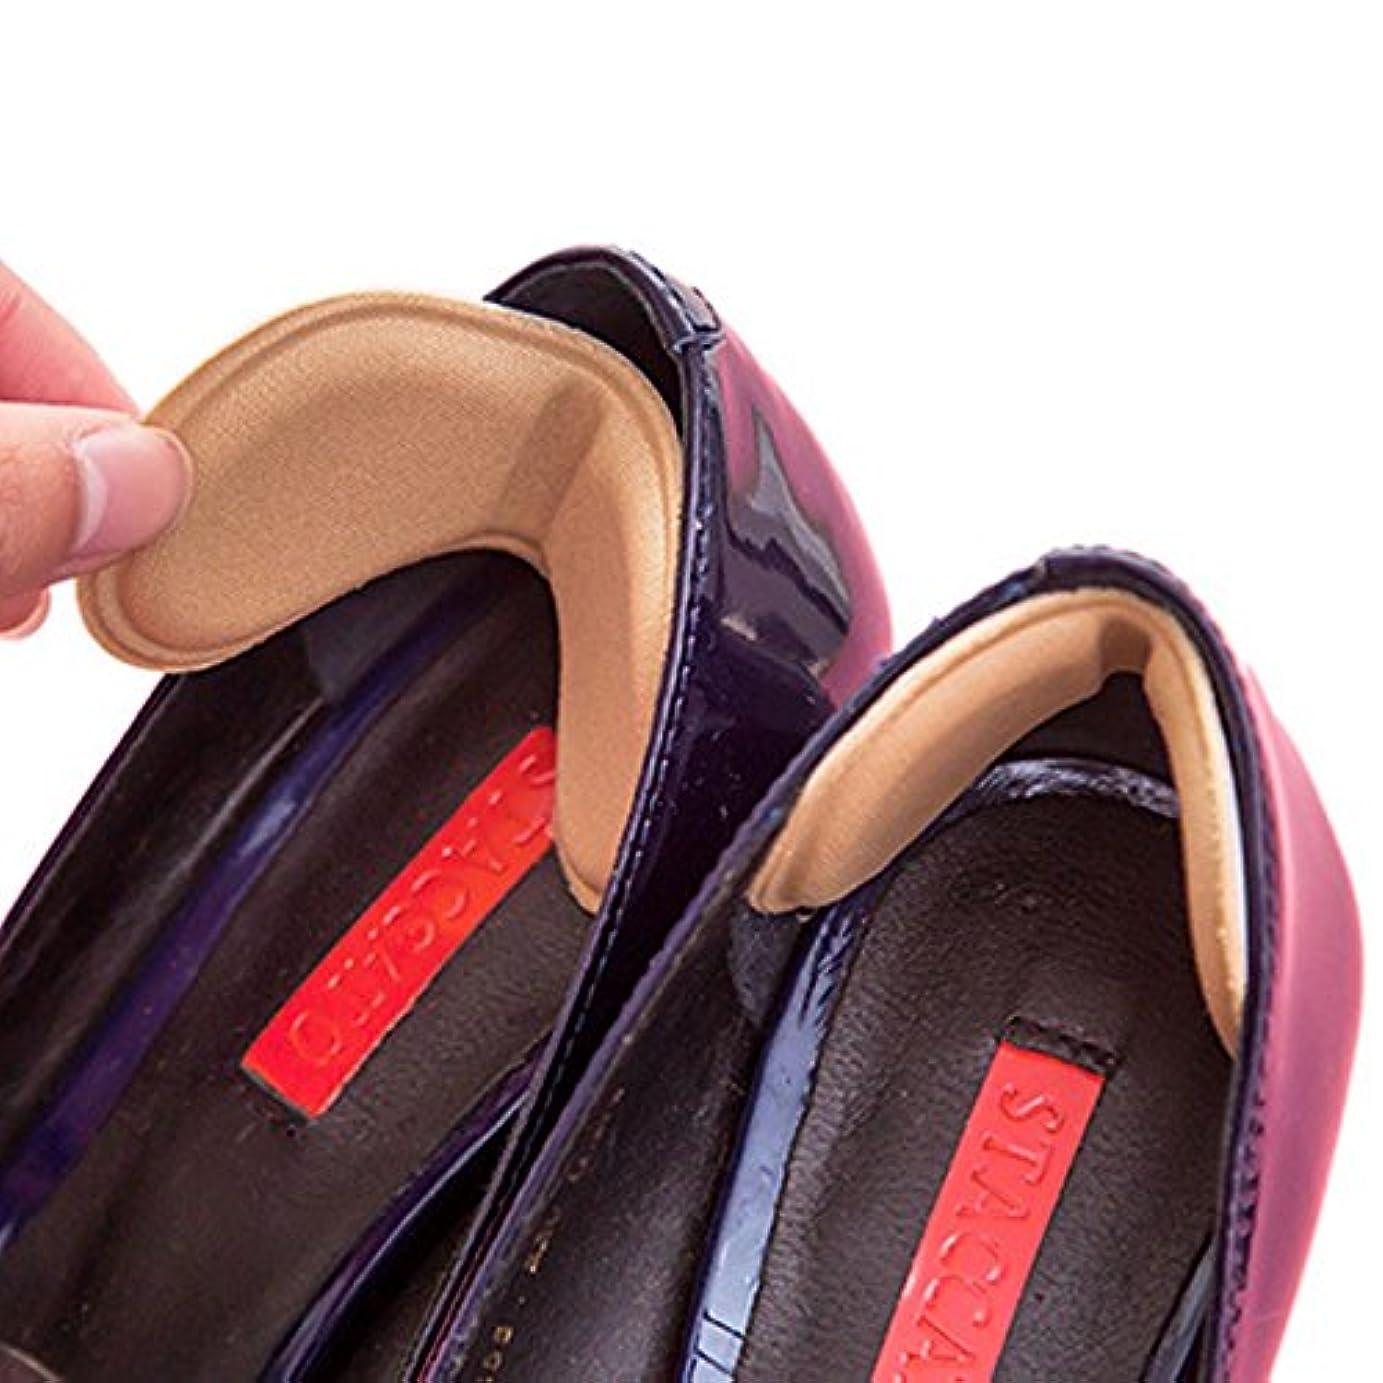 ダウン海洋のサーマル靴擦れ 半張りパッド 靴擦れ防止 防止かかと パカパカ防止 ハイヒール用 足裏保護 インソール 靴のサイズ調整 四組入り